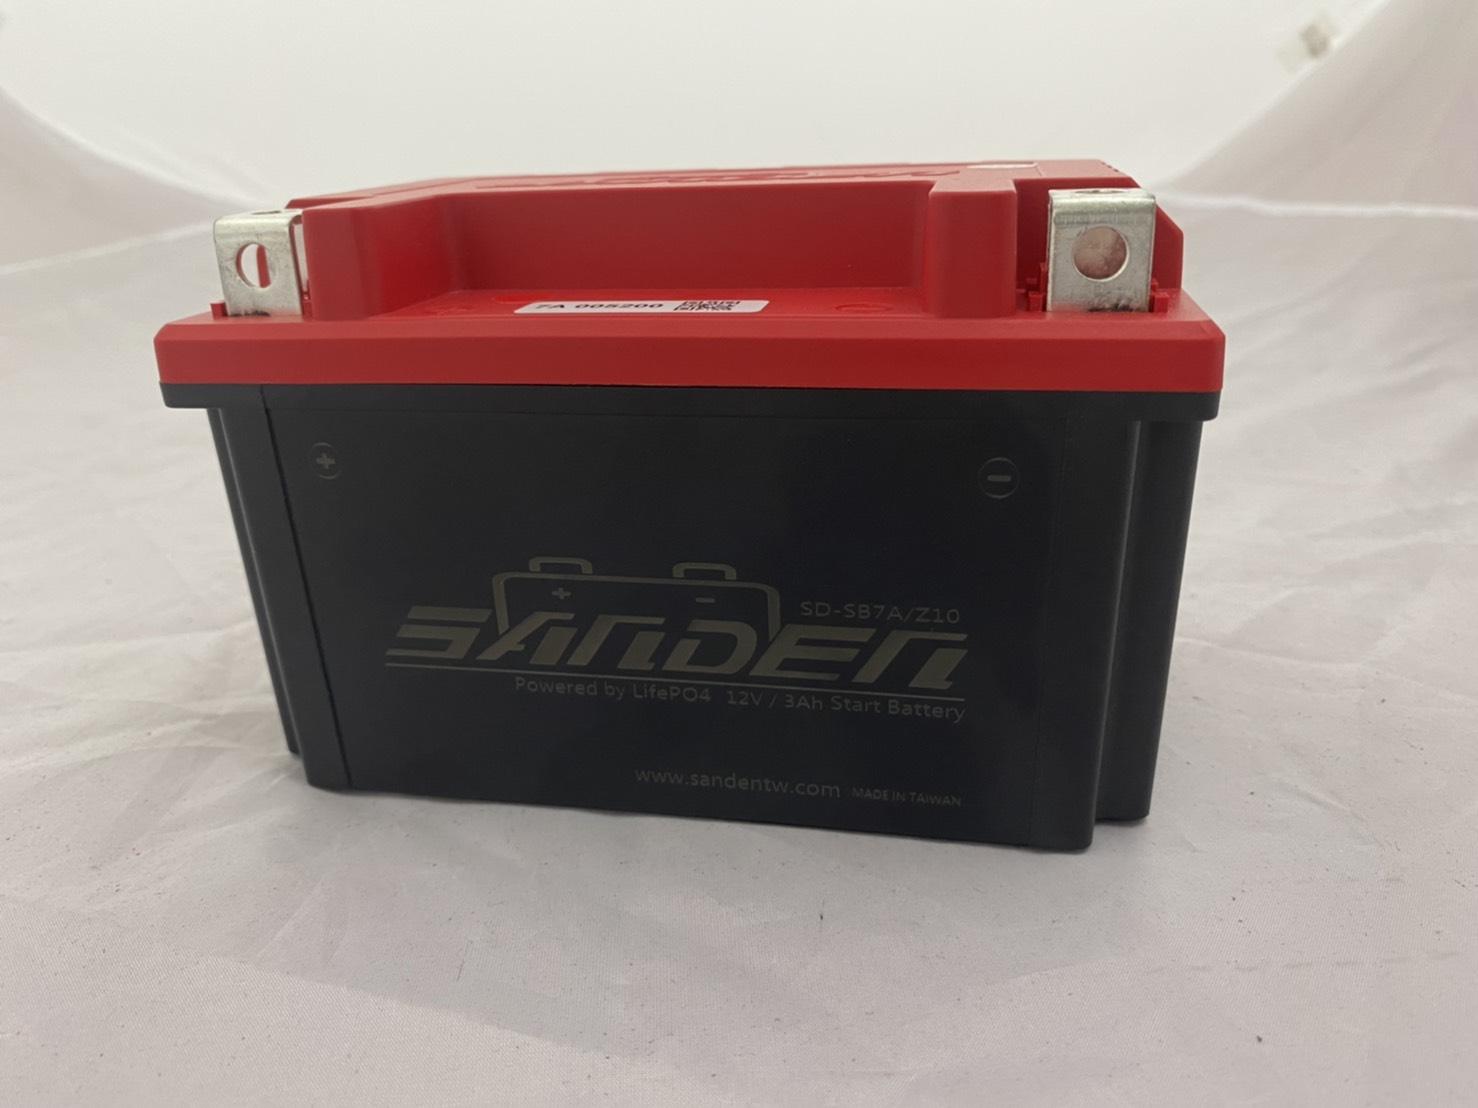 紅色閃電 SD-SB7A 7A 鋰鐵電池